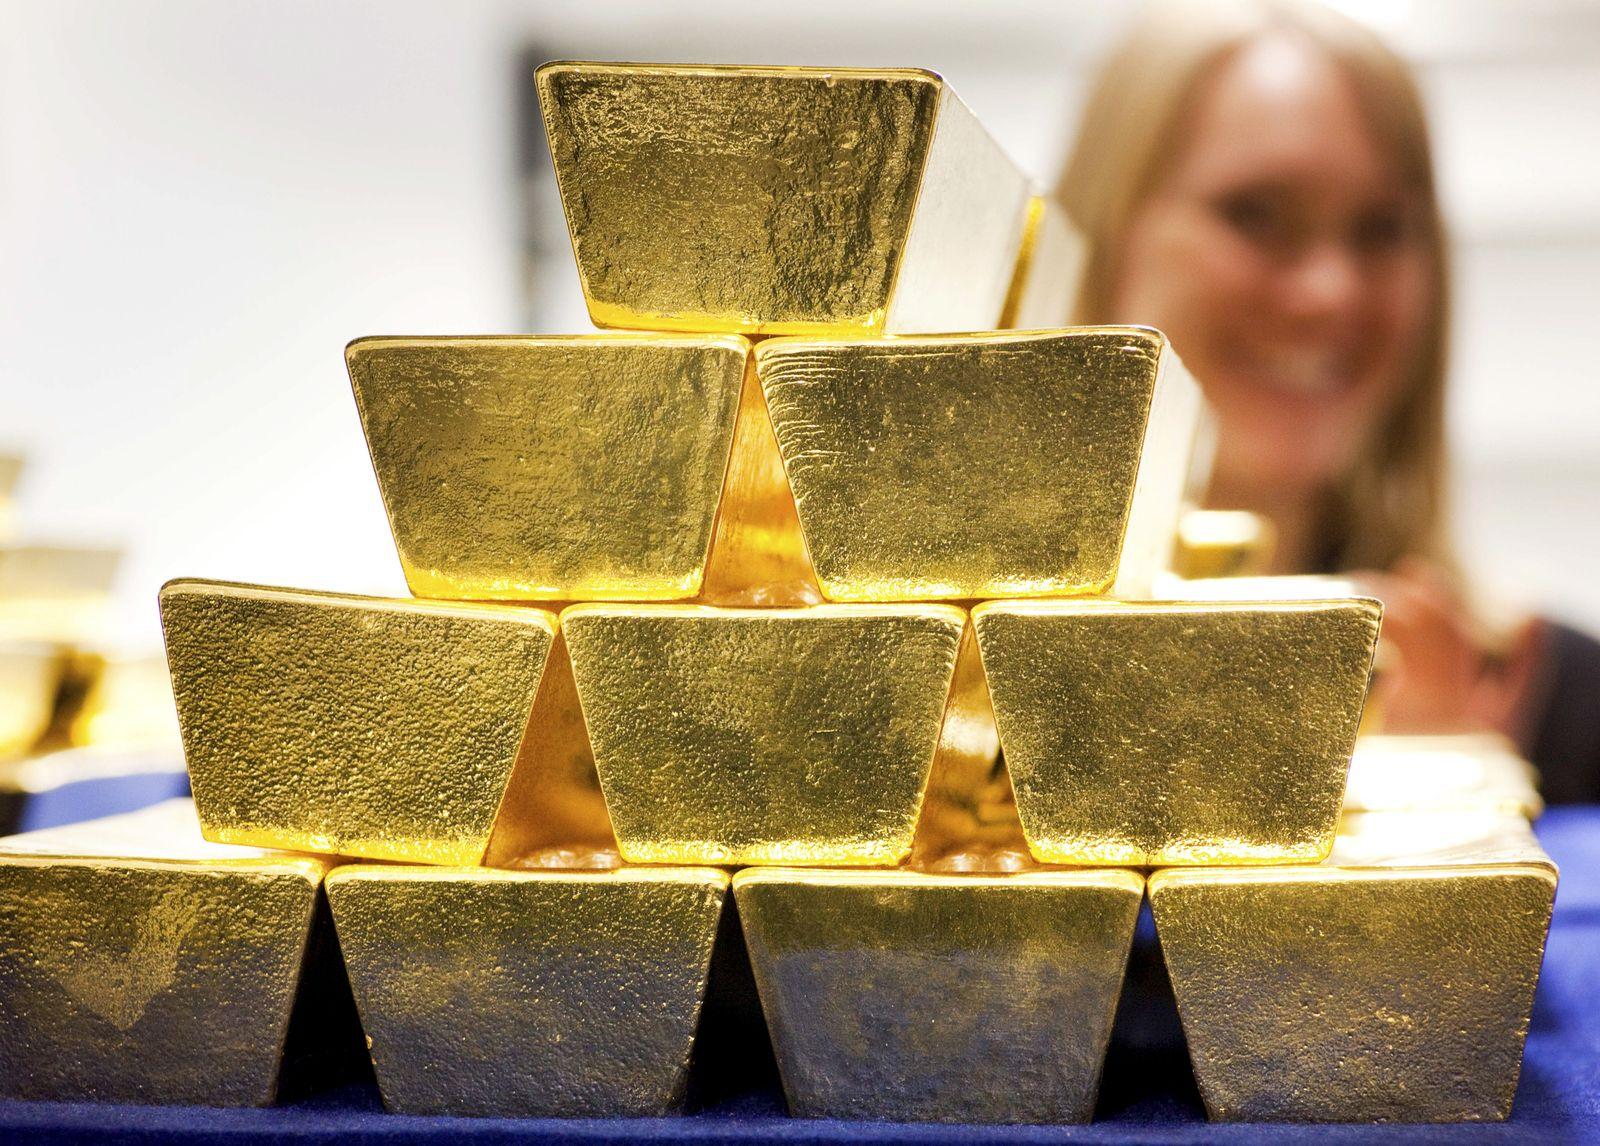 Gold / Deutsche Börse / Goldbarren